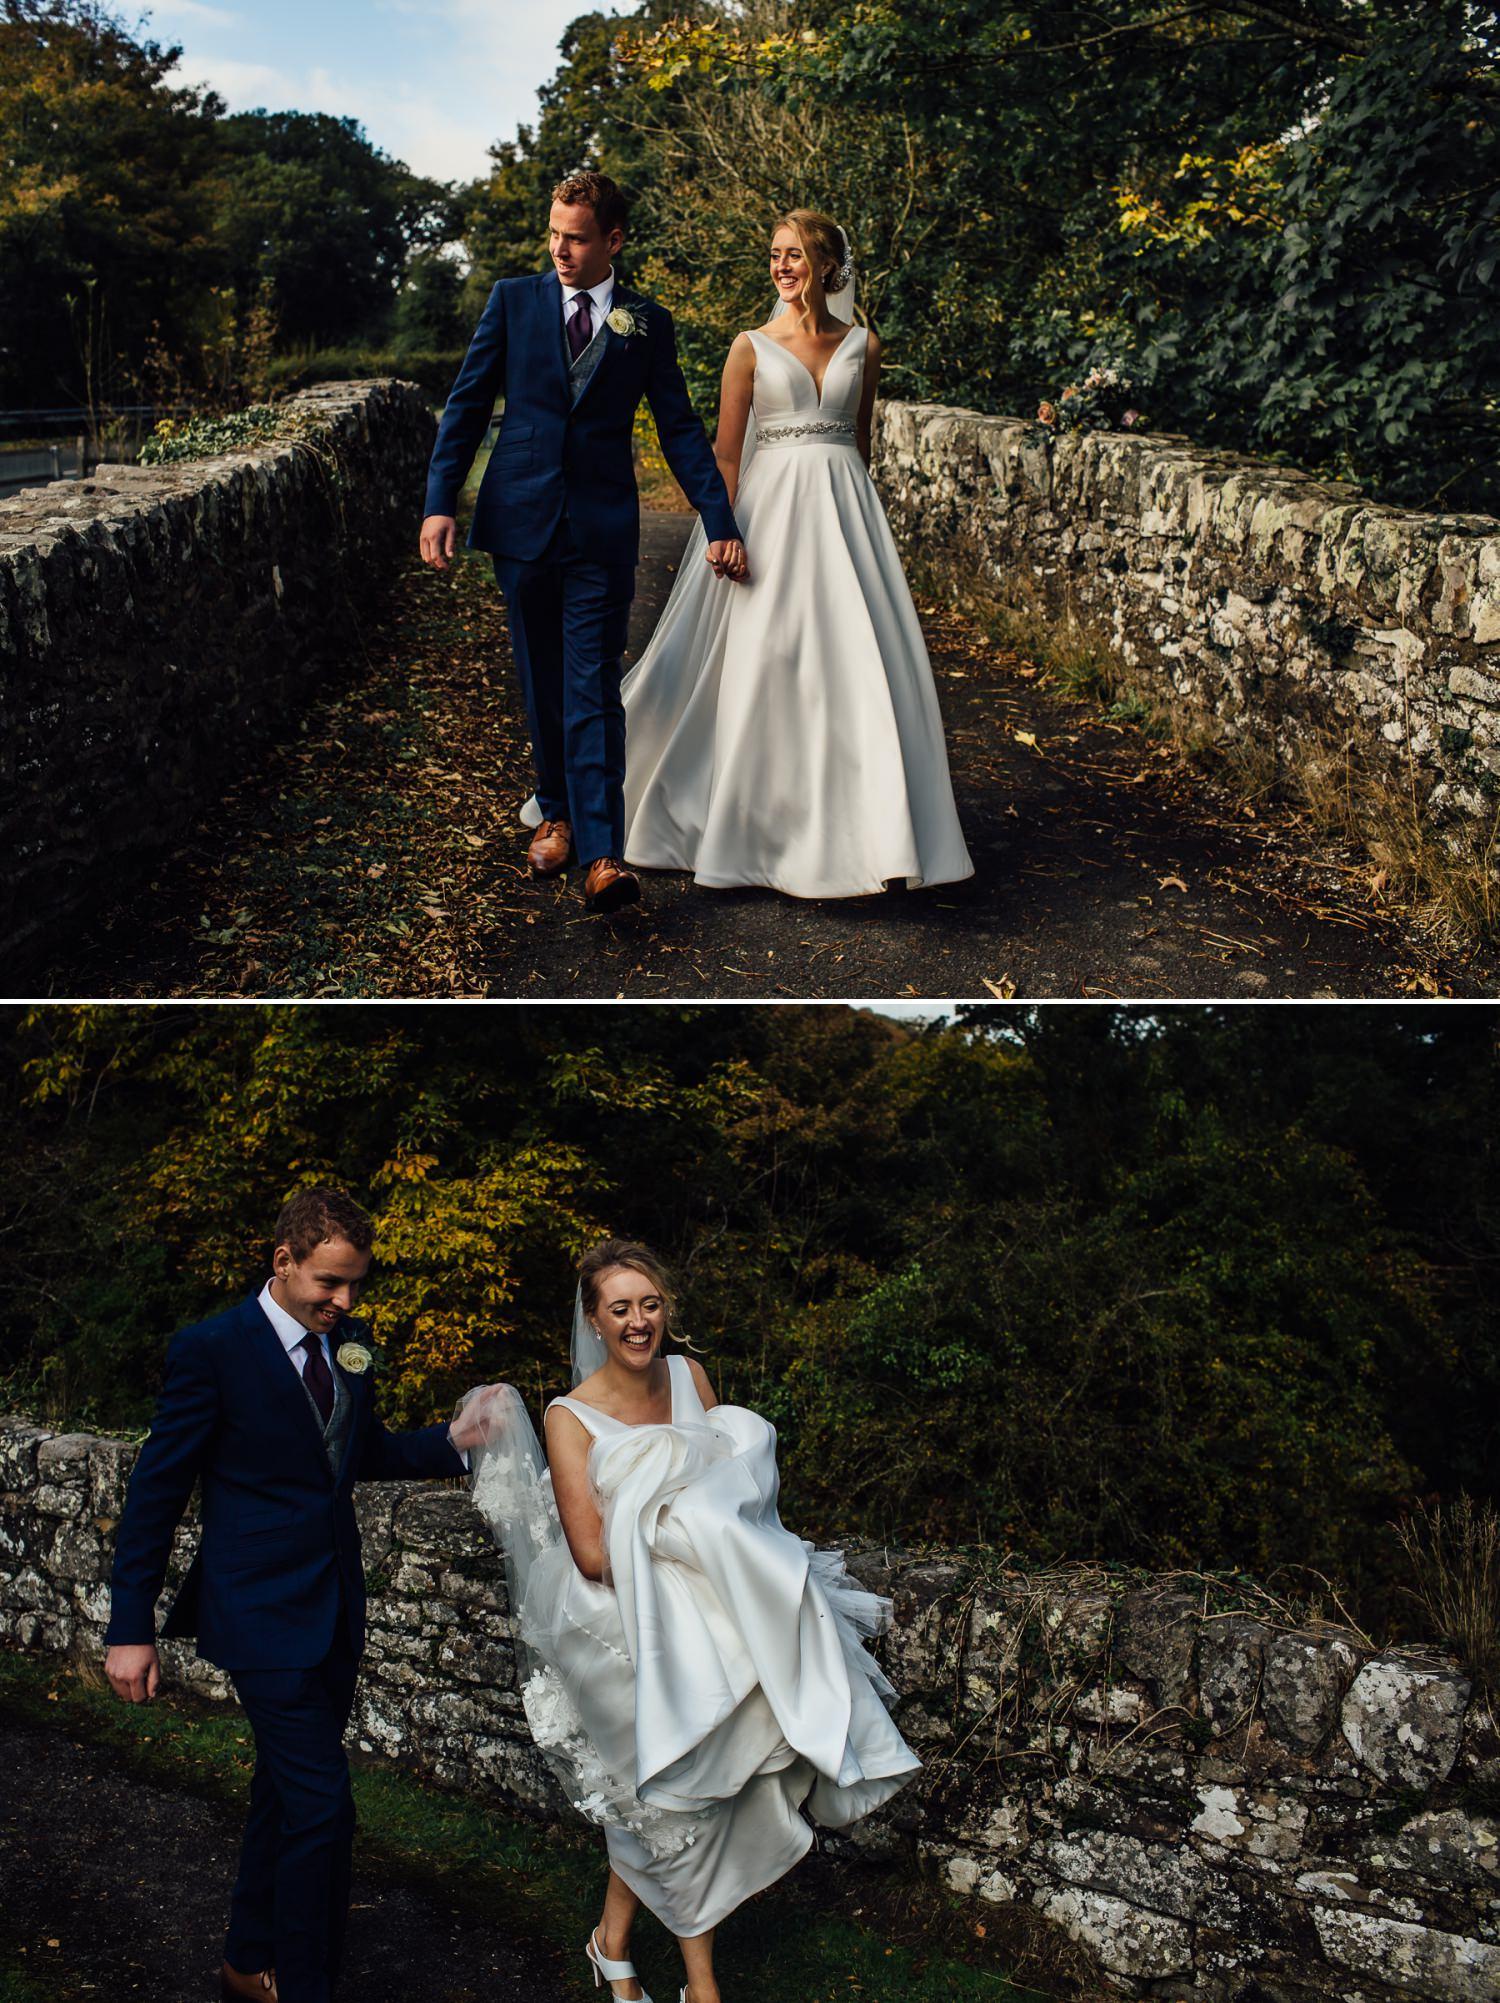 walking portraits of wedding couple